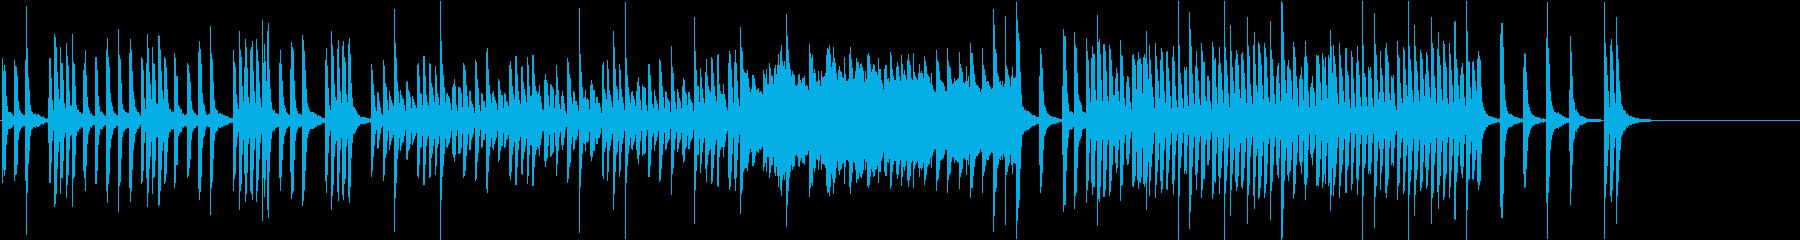 元気でカワイイ 子供映像向けピアノソロFの再生済みの波形